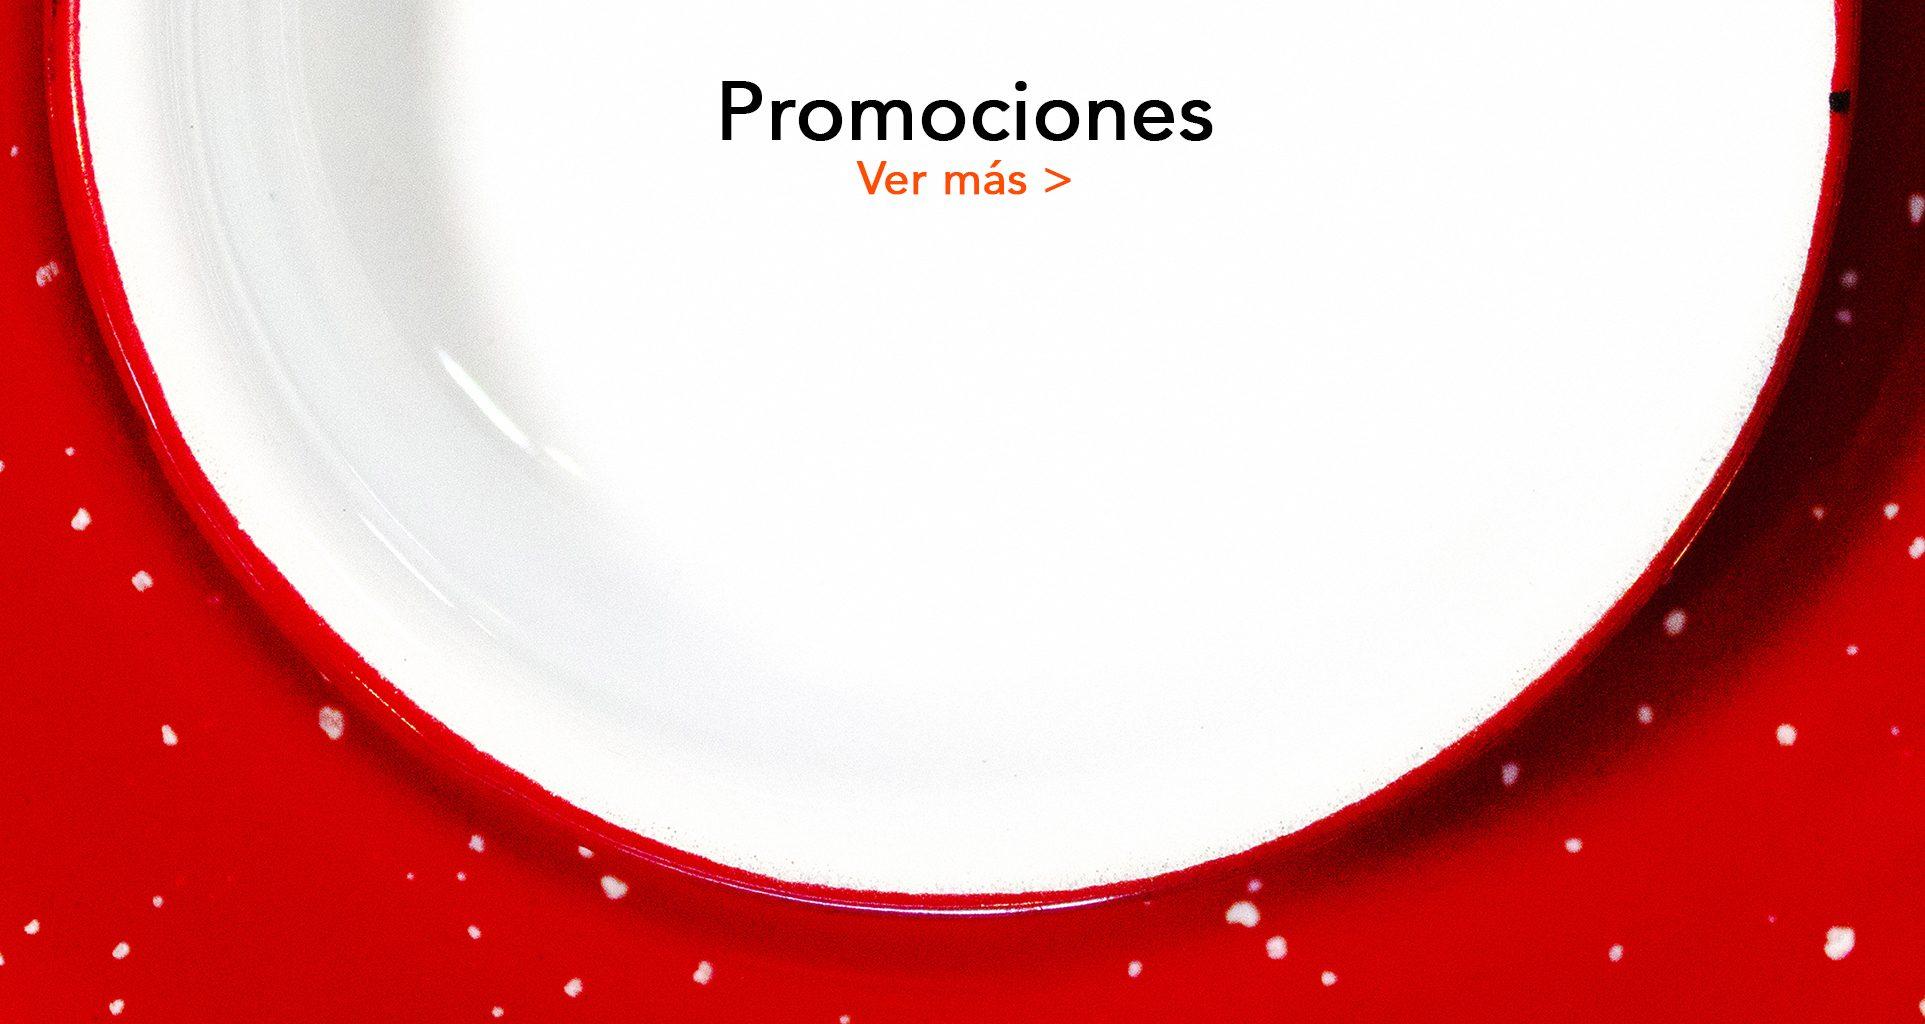 Slide_7_promos_gastroart